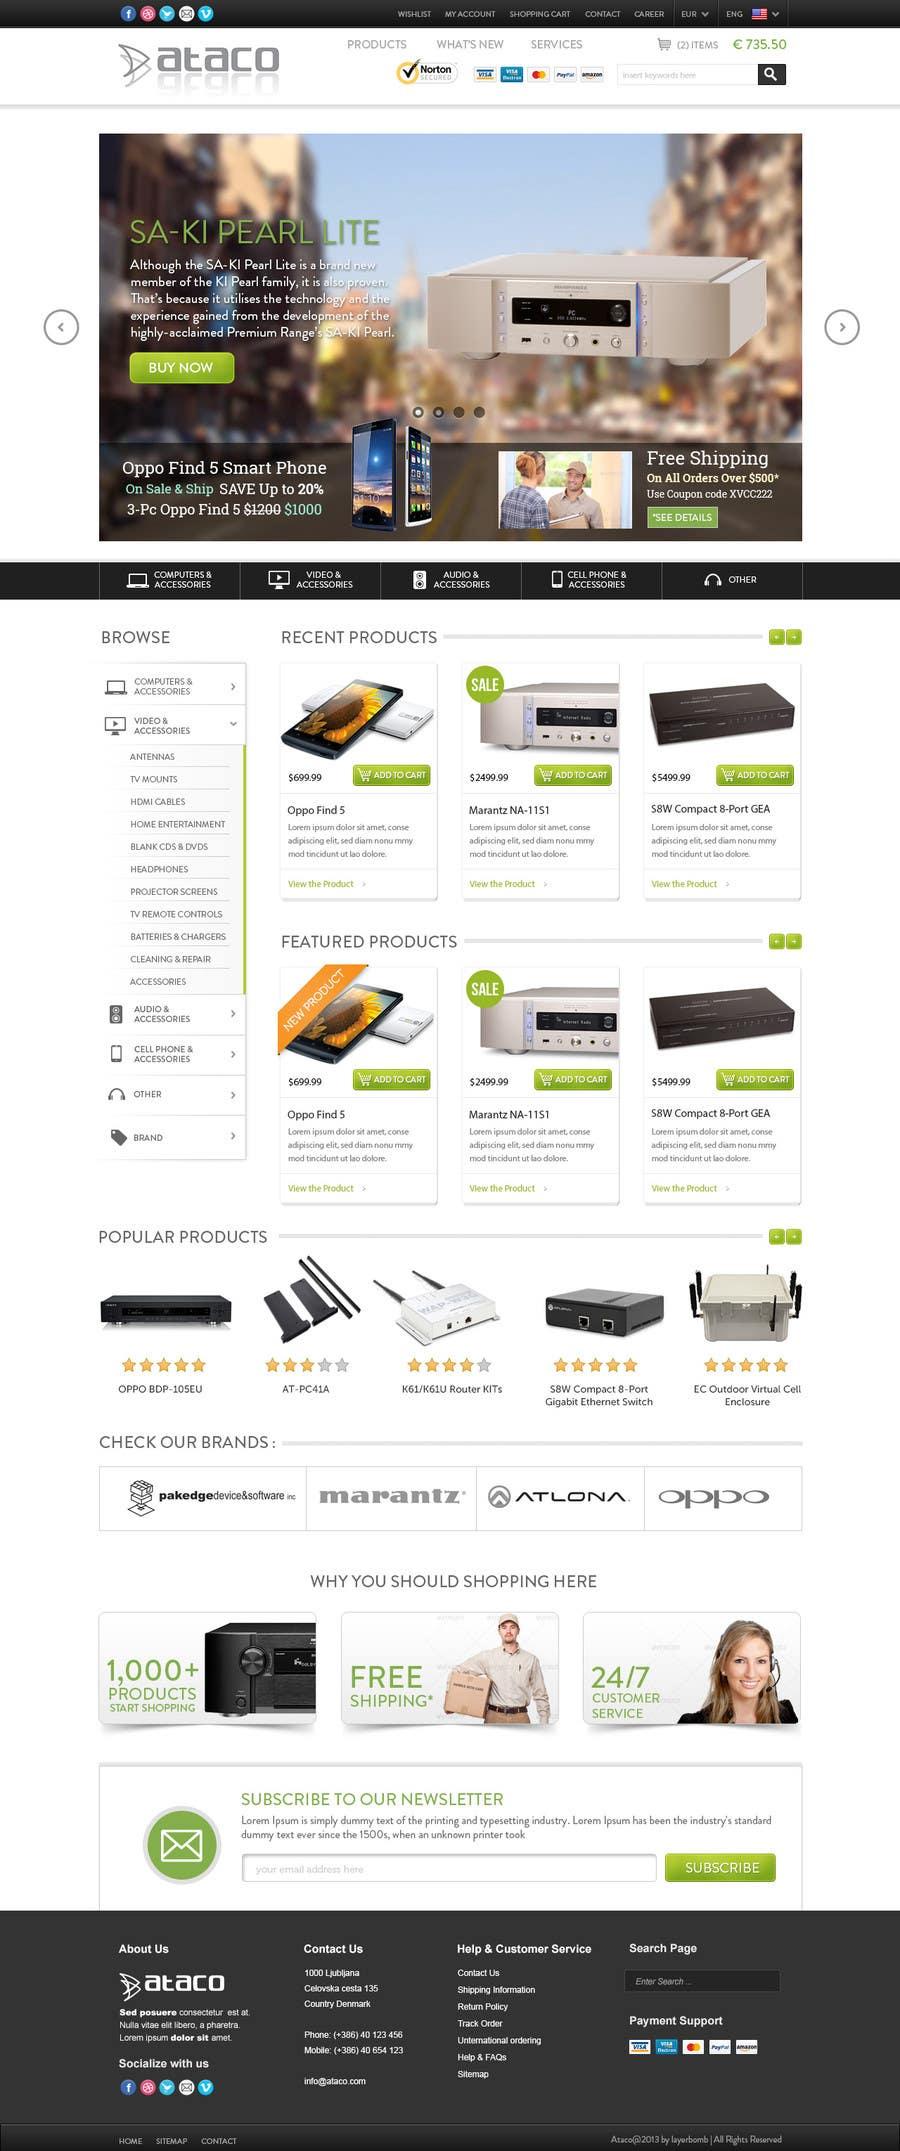 Penyertaan Peraduan #54 untuk Build an Online Store for ataco